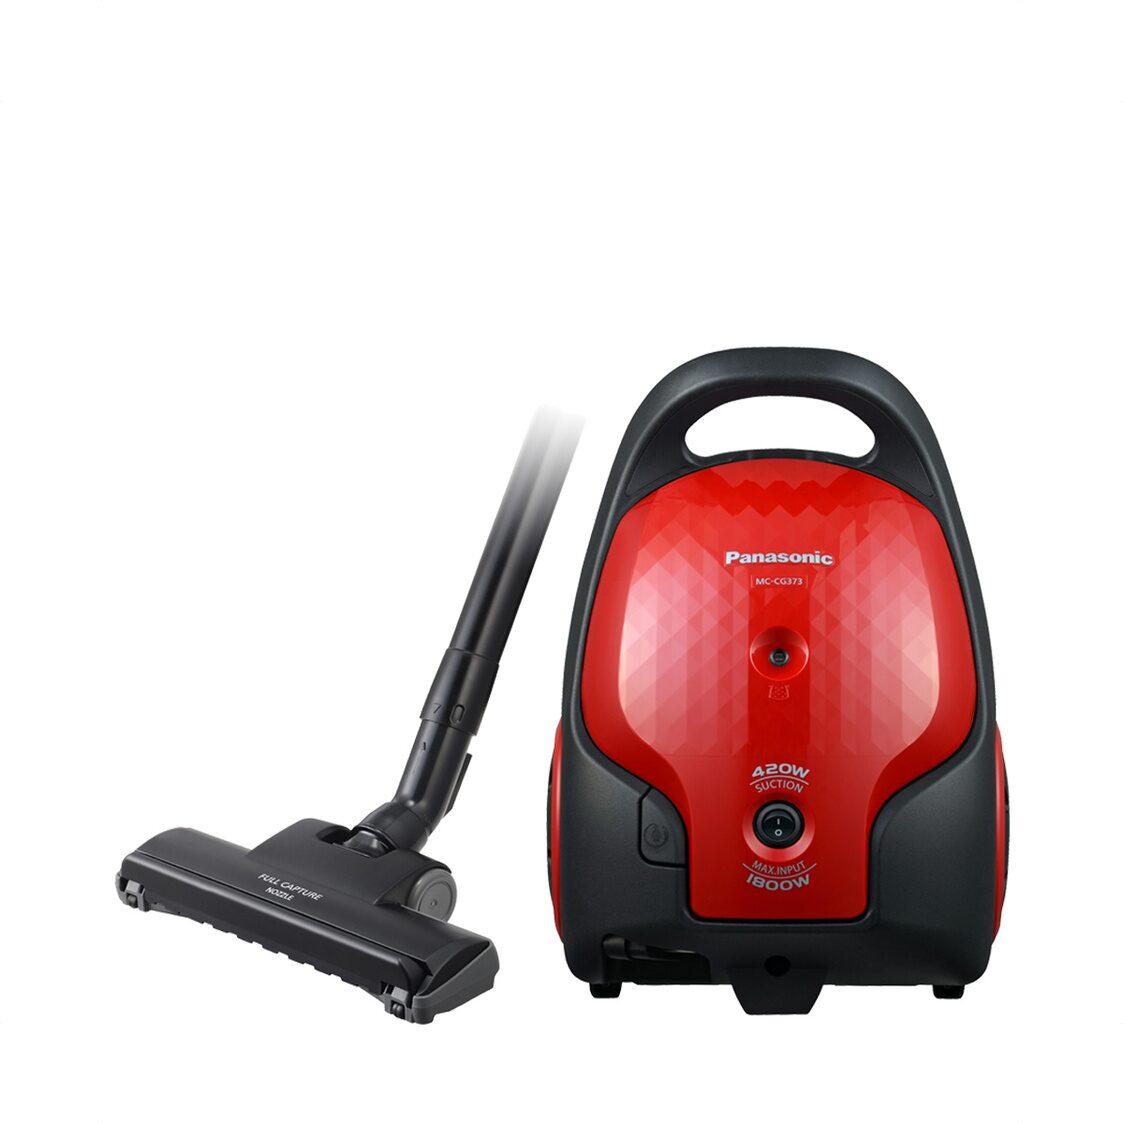 Panasonic Vacuum Cleaner Red 1800W MC-CG373